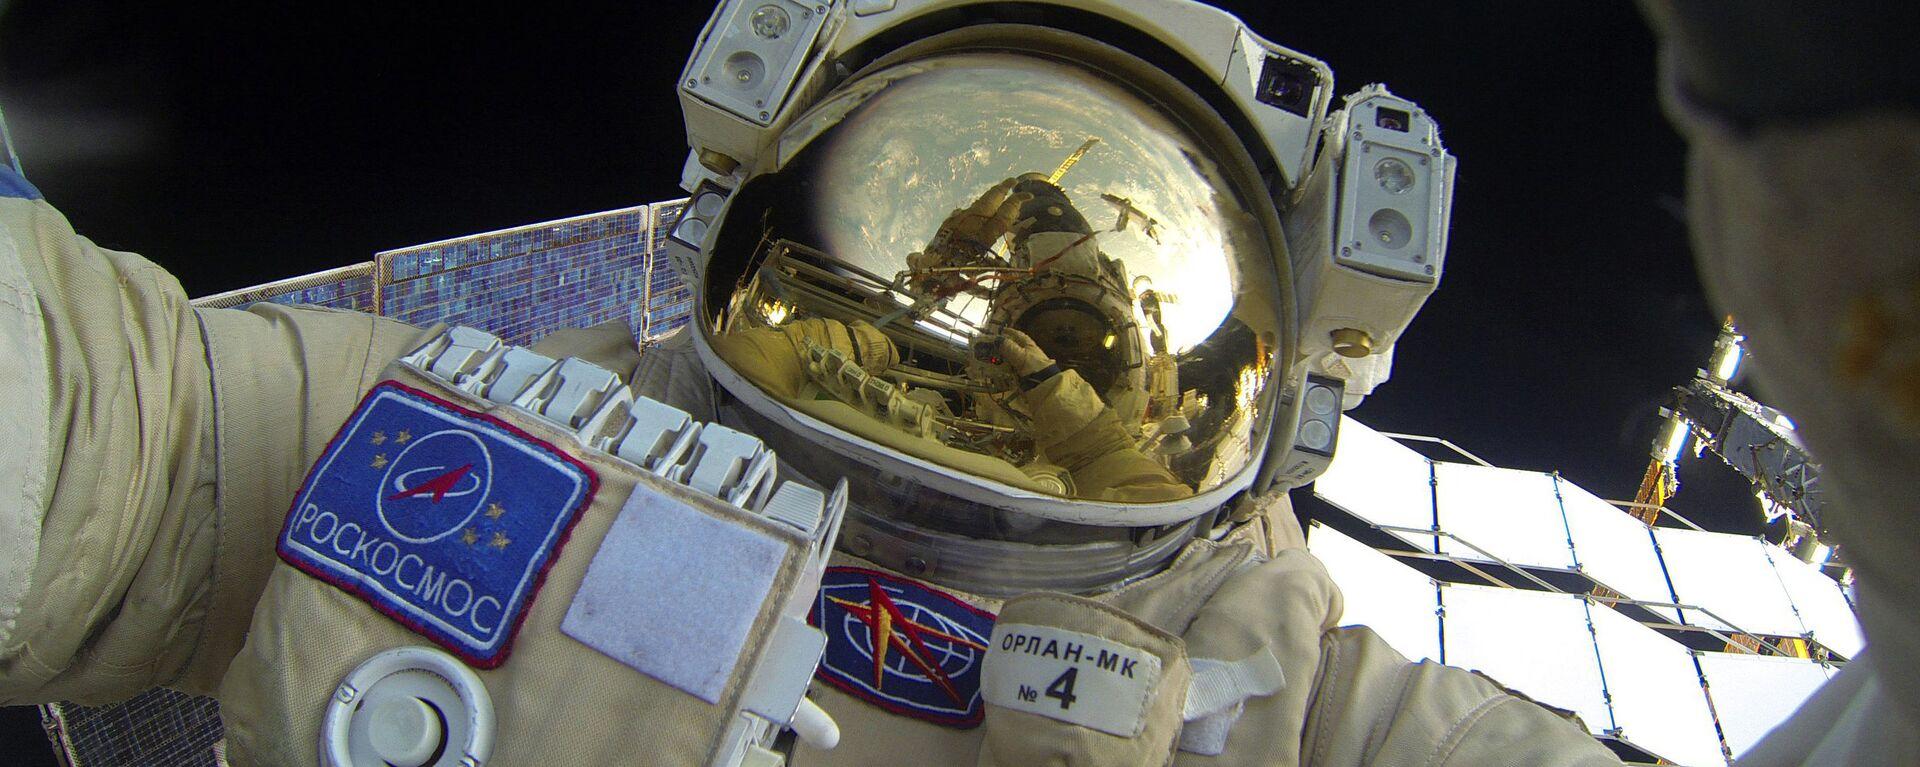 Cosmonauta ruso durante una caminata espacial cerca de la EEI - Sputnik Mundo, 1920, 28.05.2021